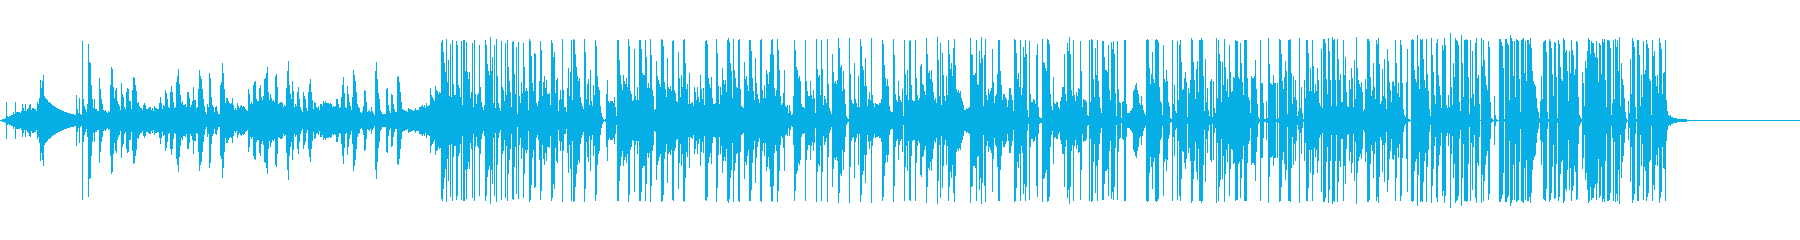 細々した音使いが特徴的なエレクトロニカの再生済みの波形